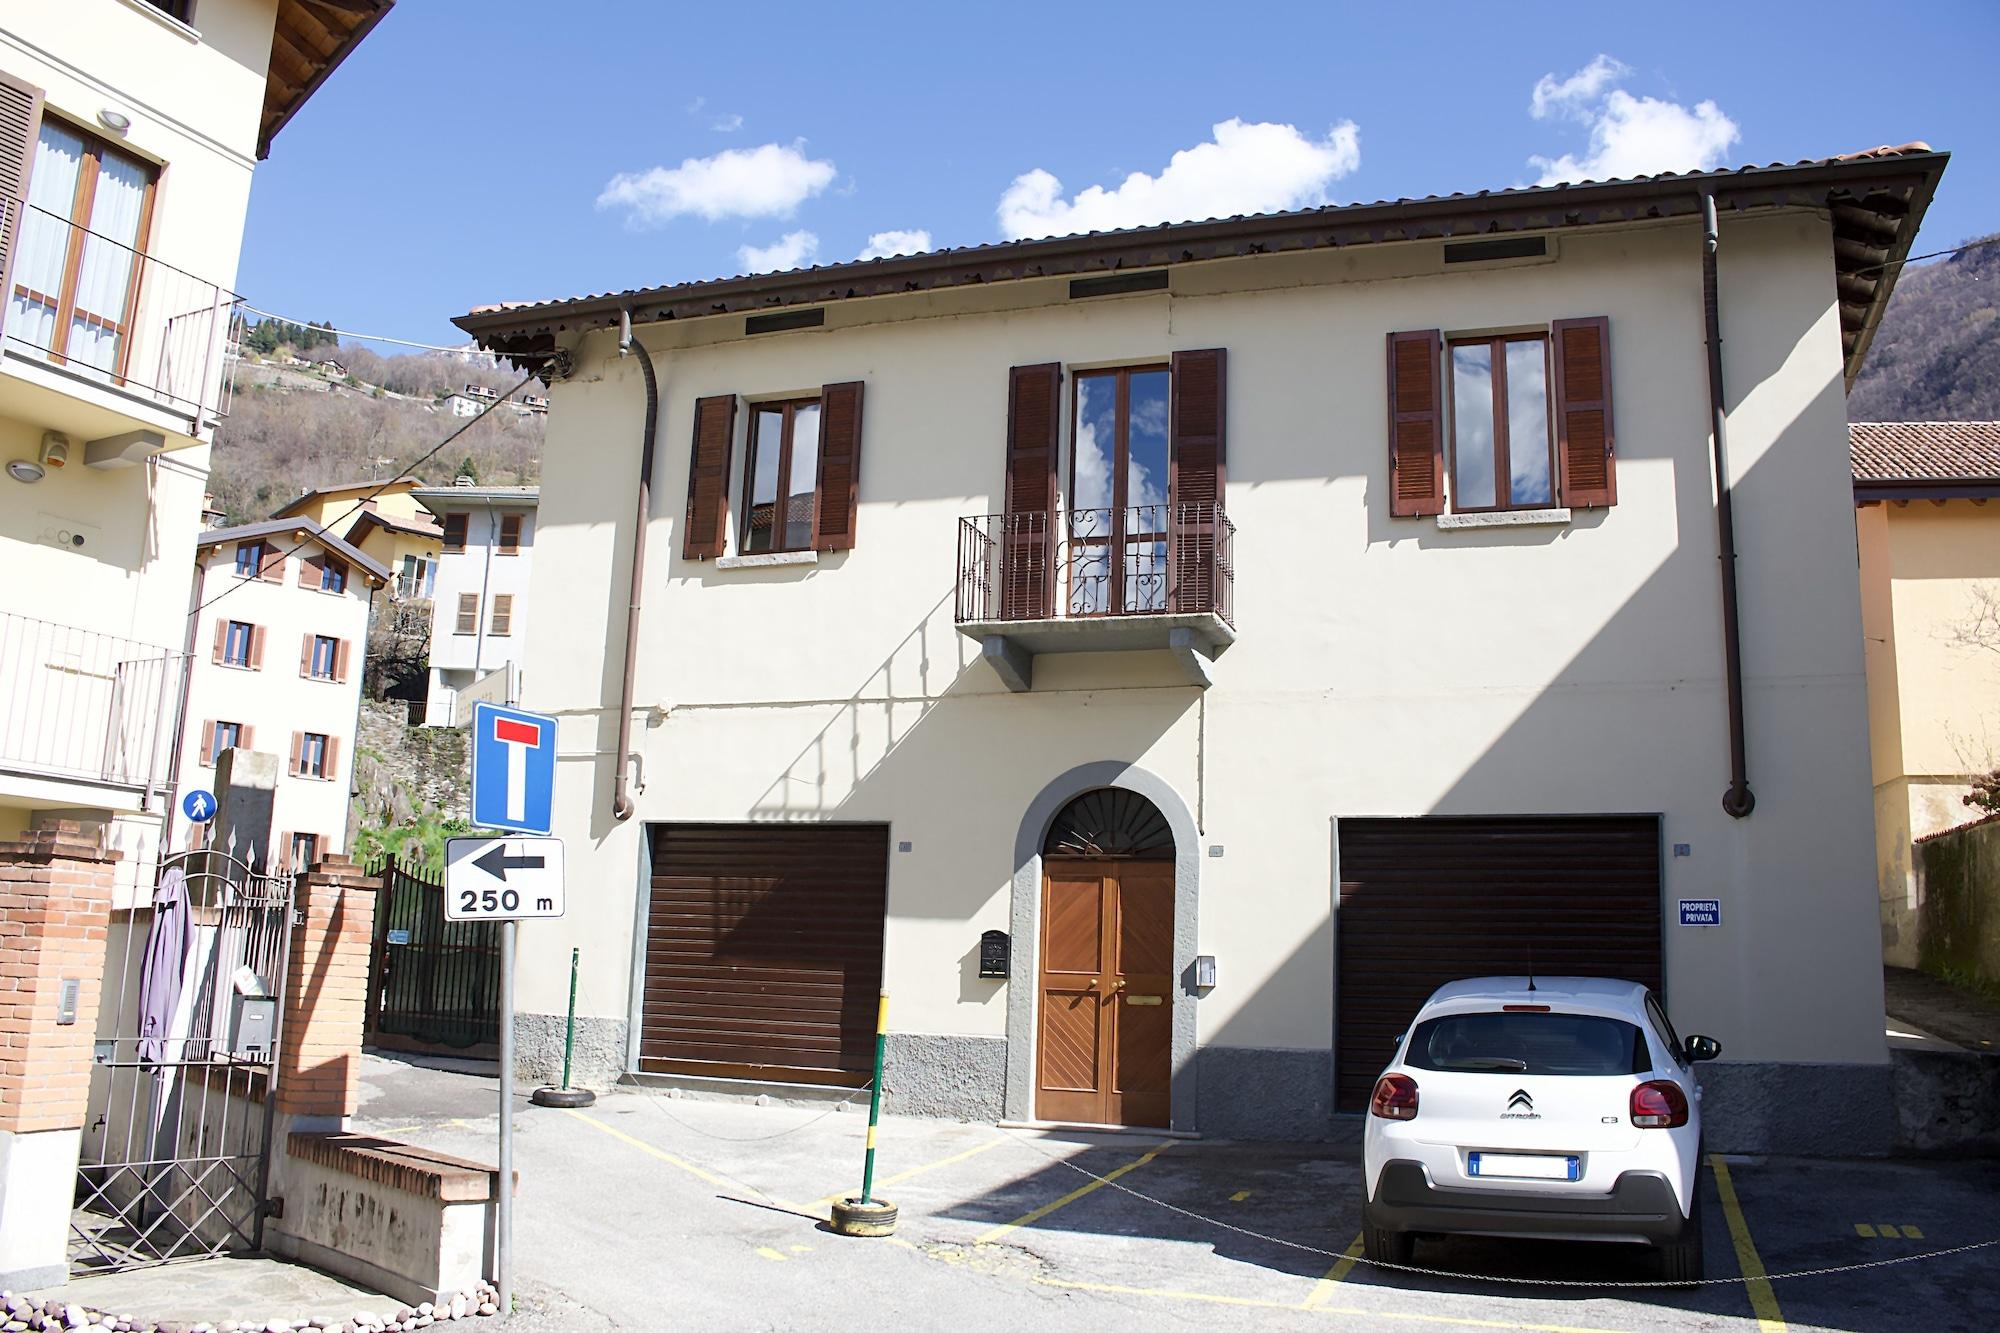 La Casa Sul Sasso Apartment 1, Lecco